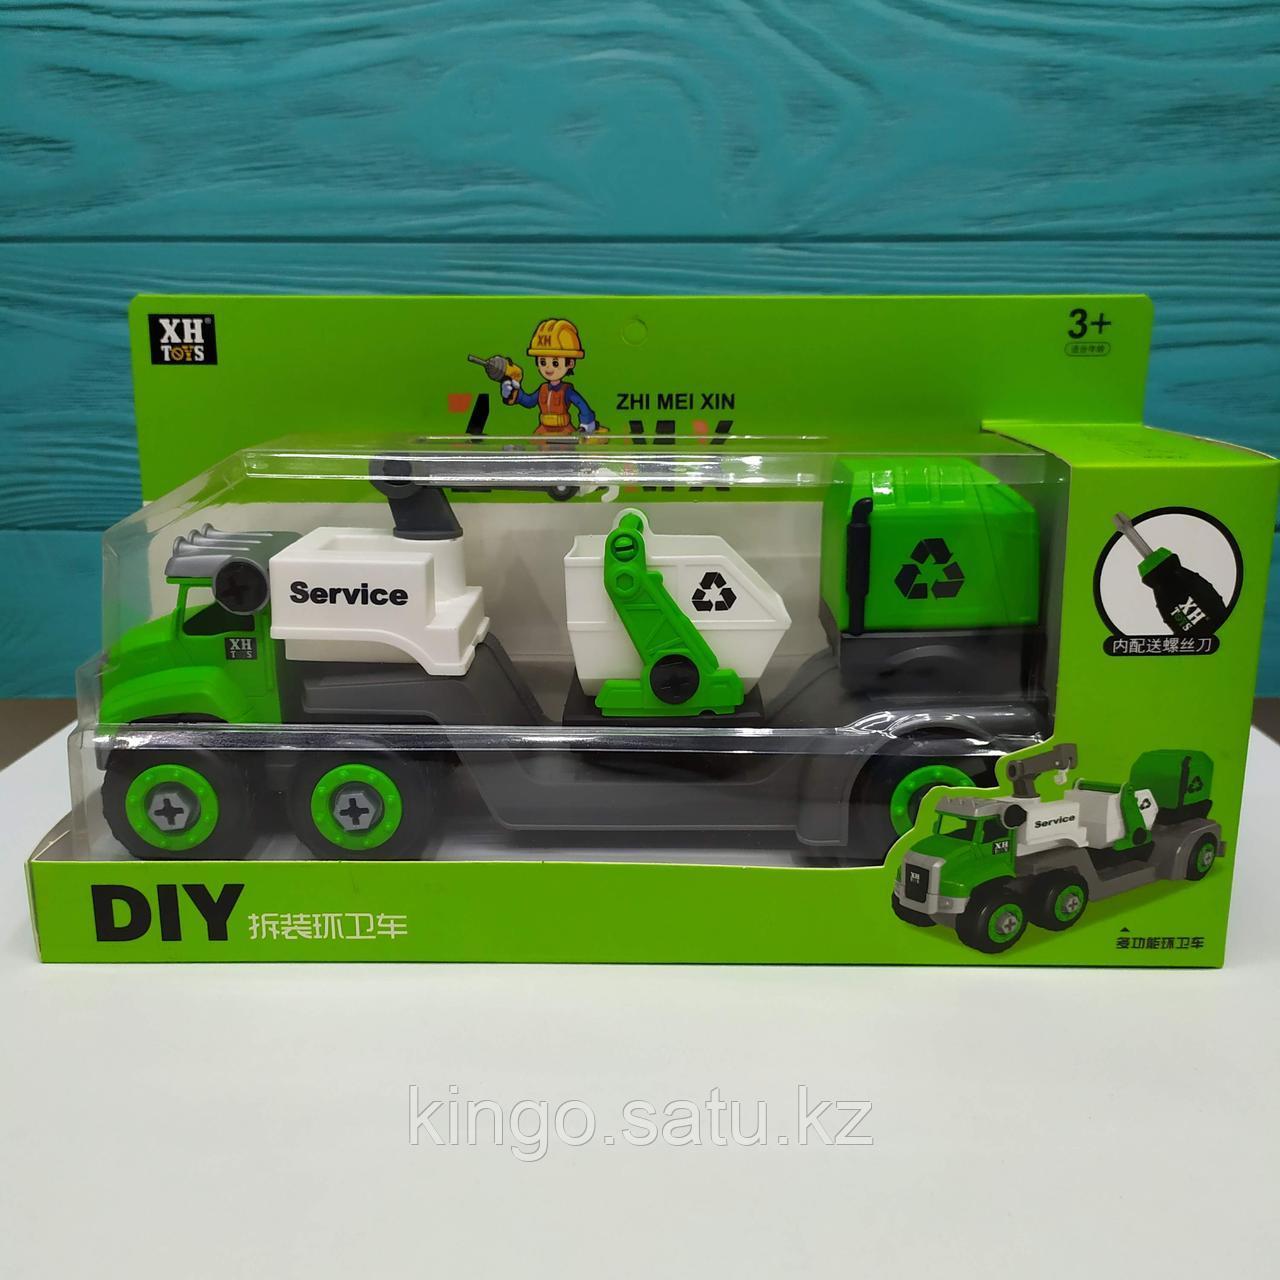 Конструктор Машинка DIY Toys XH